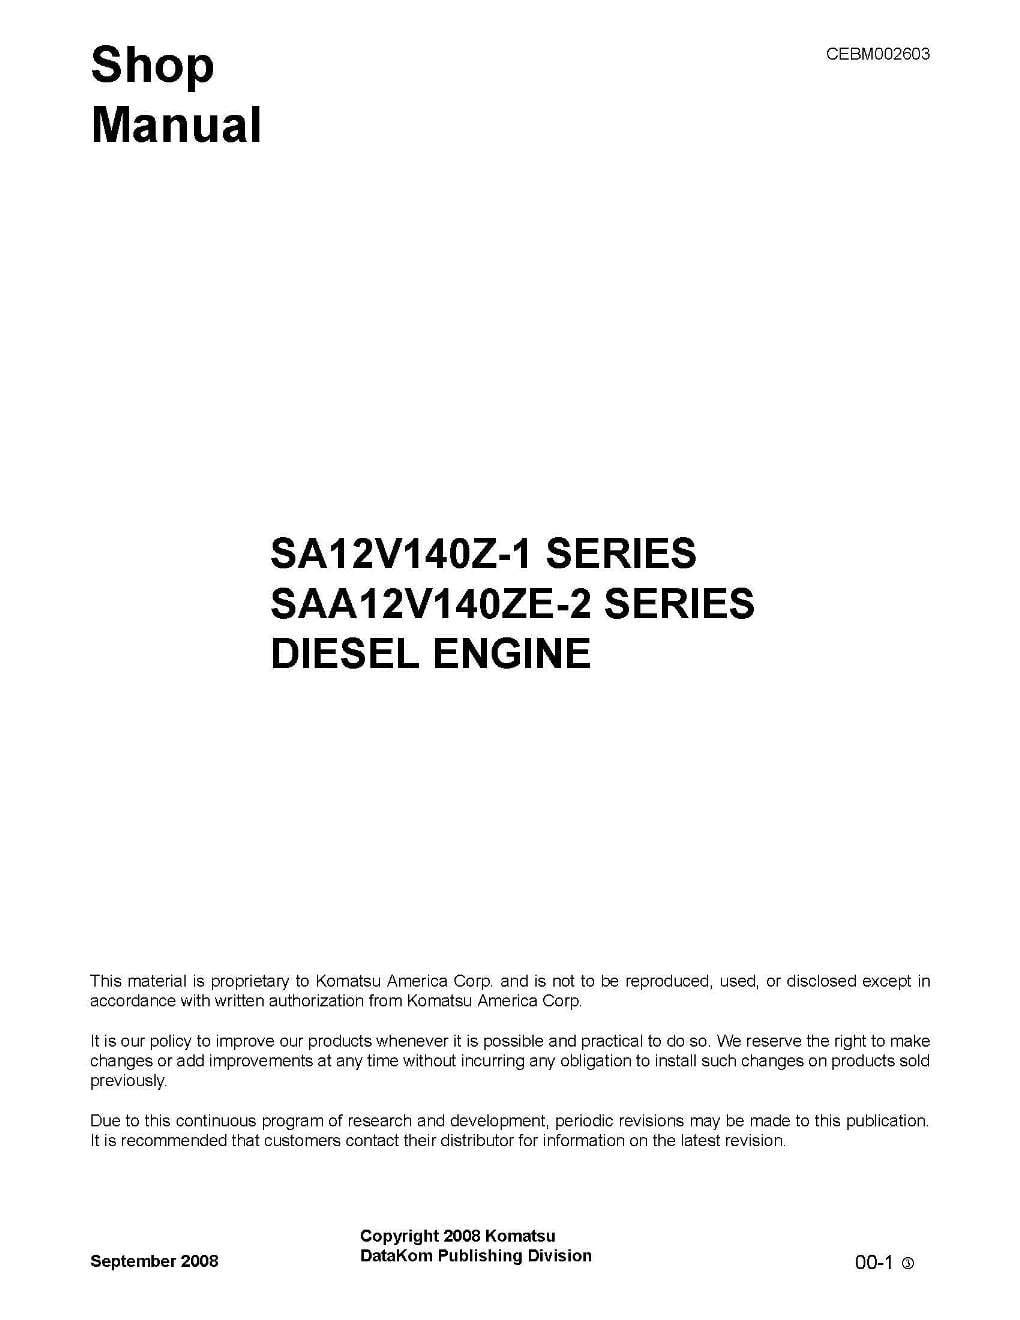 Komatsu Diesel Engine Sa12v140z